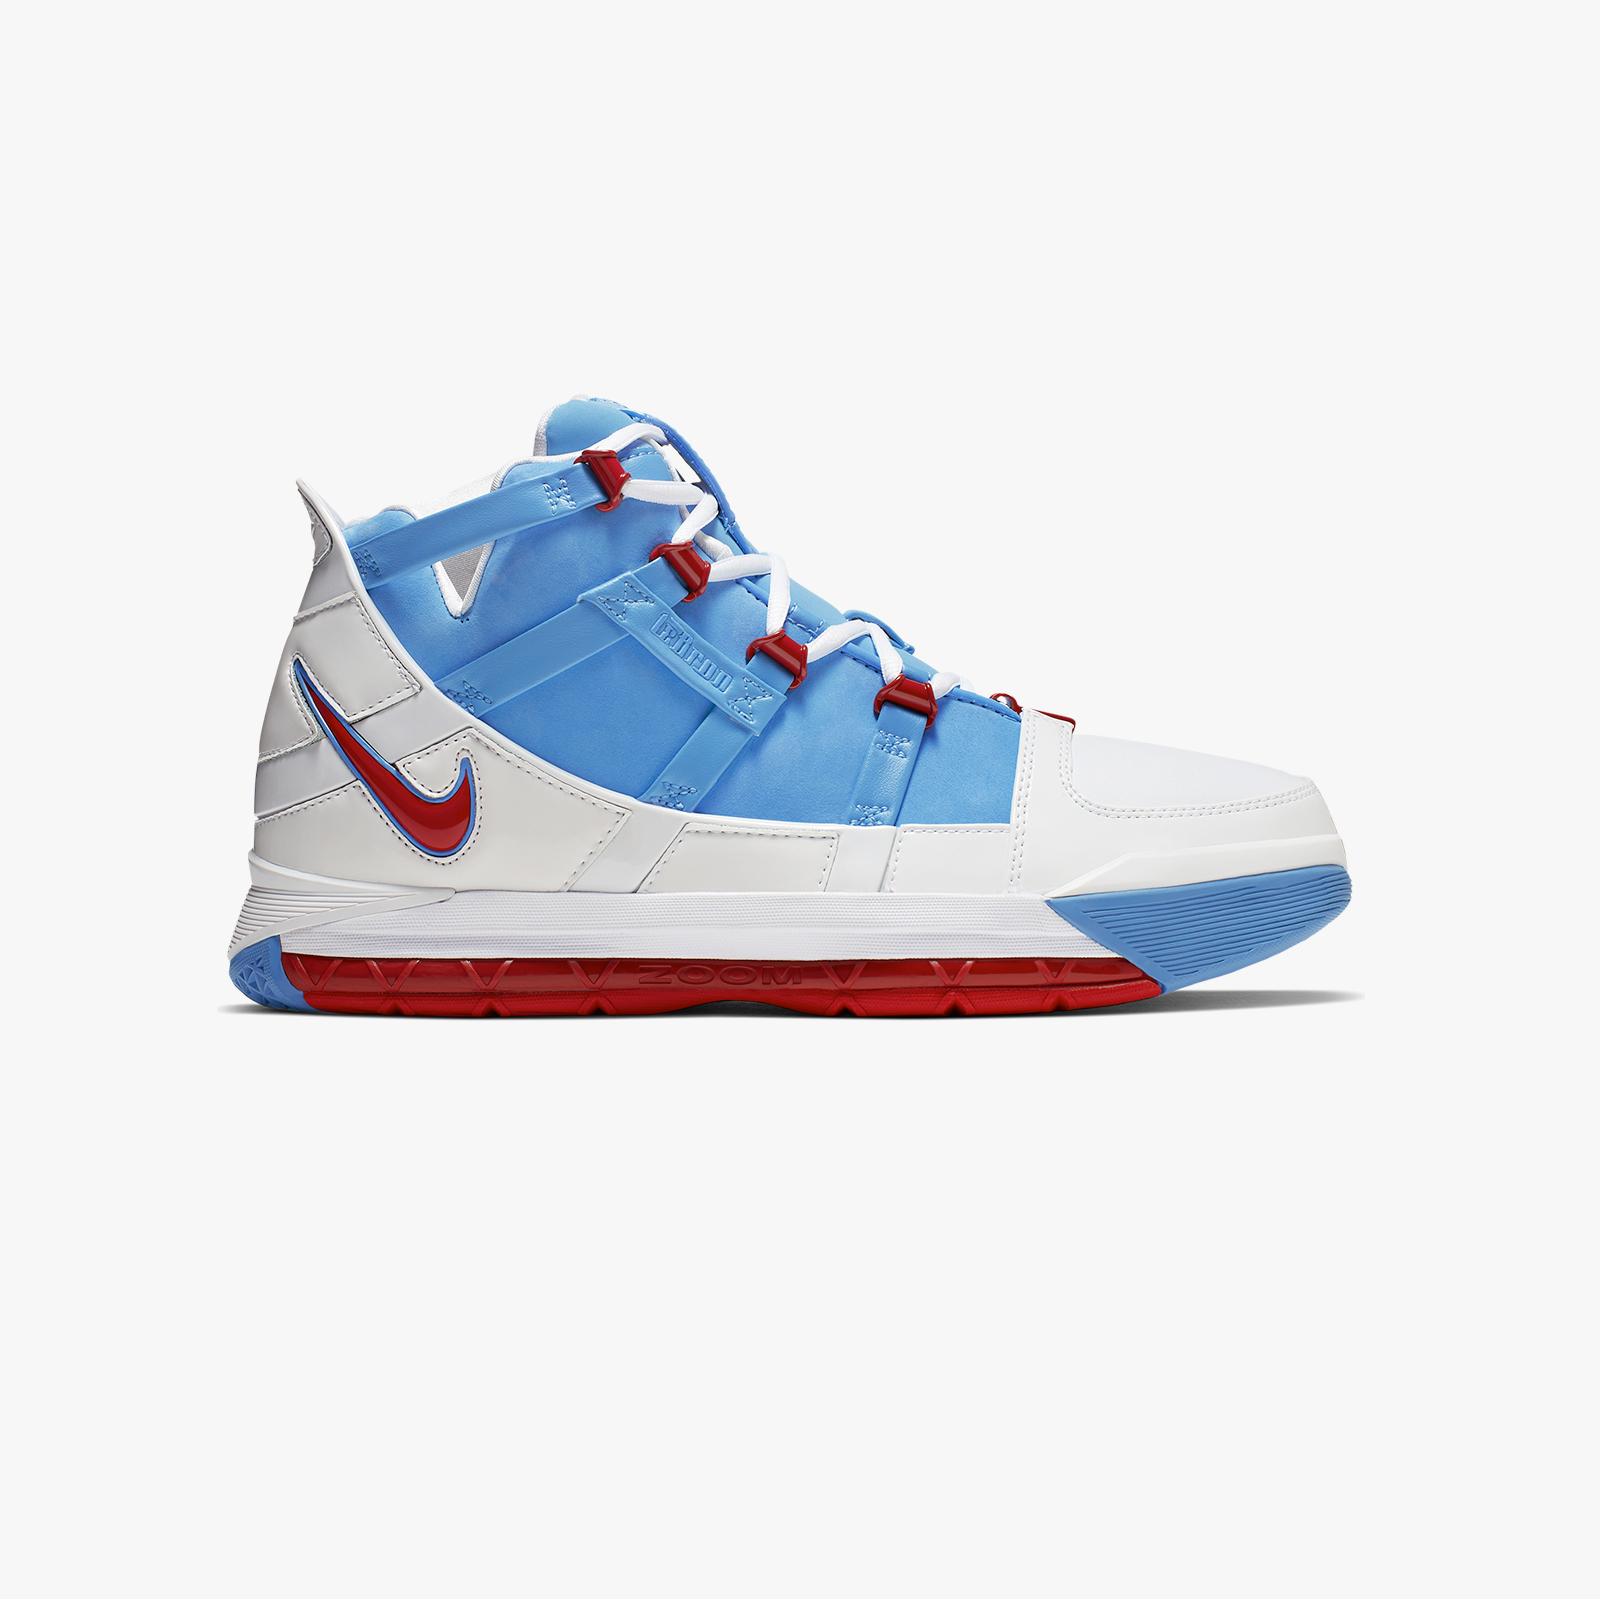 Nike Zoom LeBron III QS - Ao2434-400